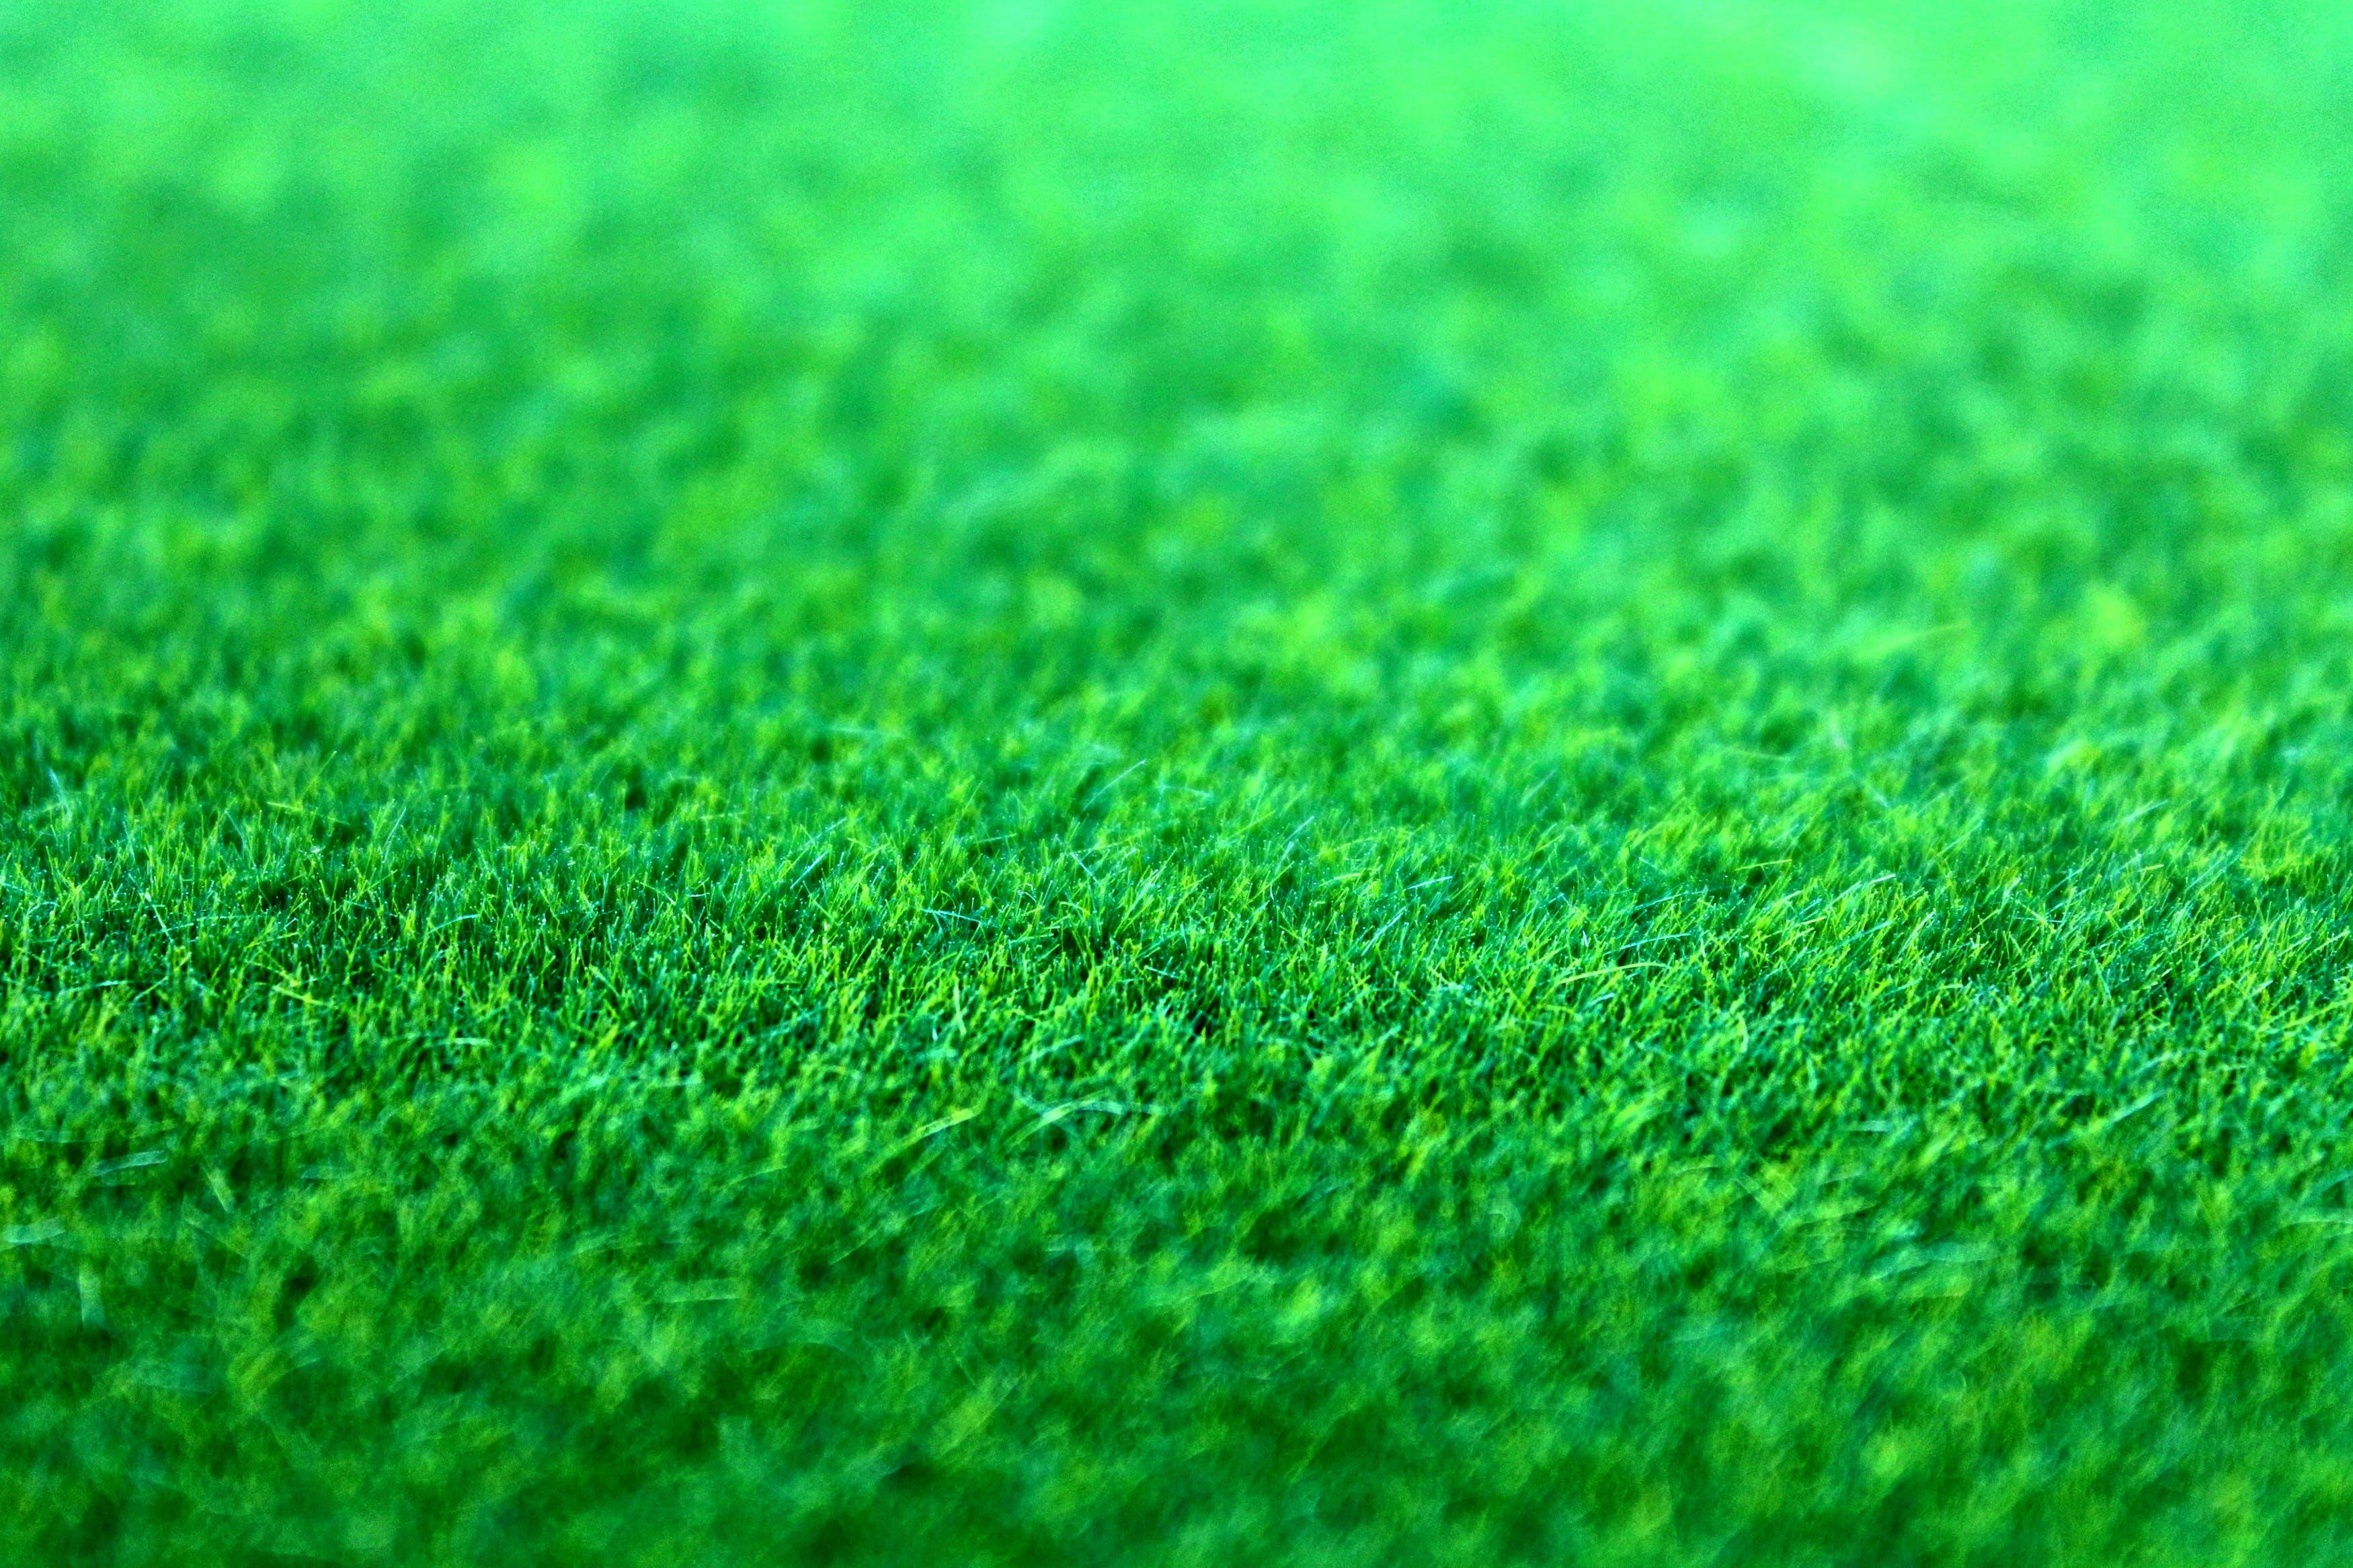 Gratis lagerfoto af bane, græs, græsplæne, grøn